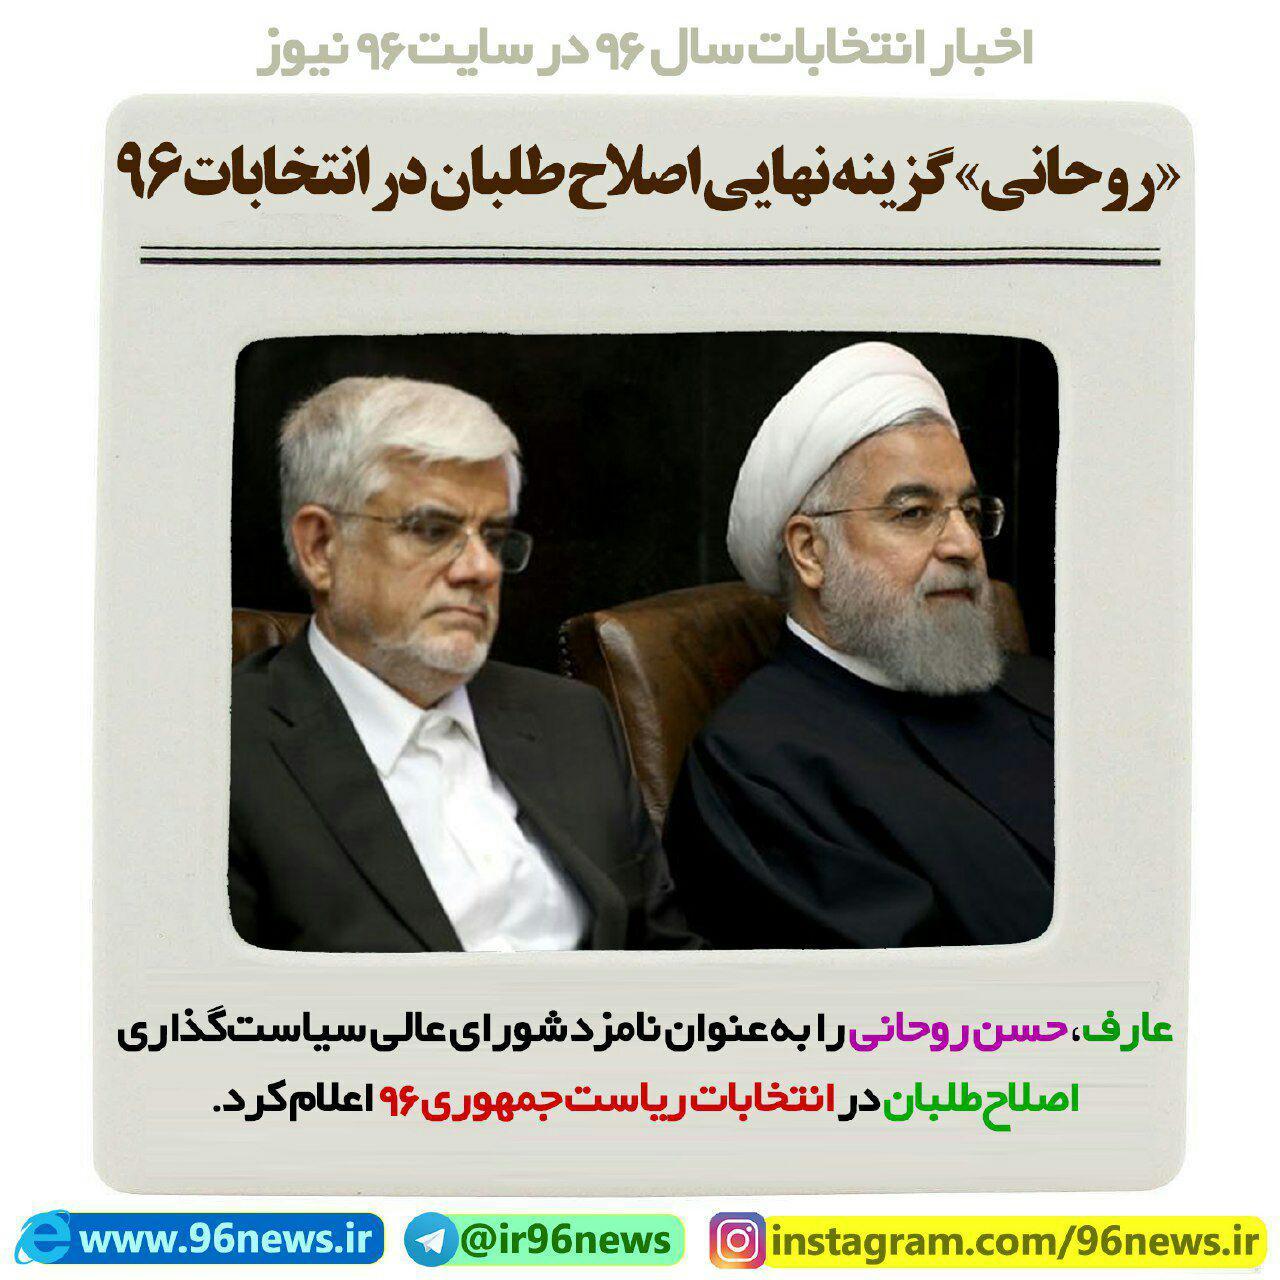 عکس نوشت اختصاصی ۹۶ نیوز: روحانی گزینه نهایی اصلاح طلبان در انتخابات ۹۶